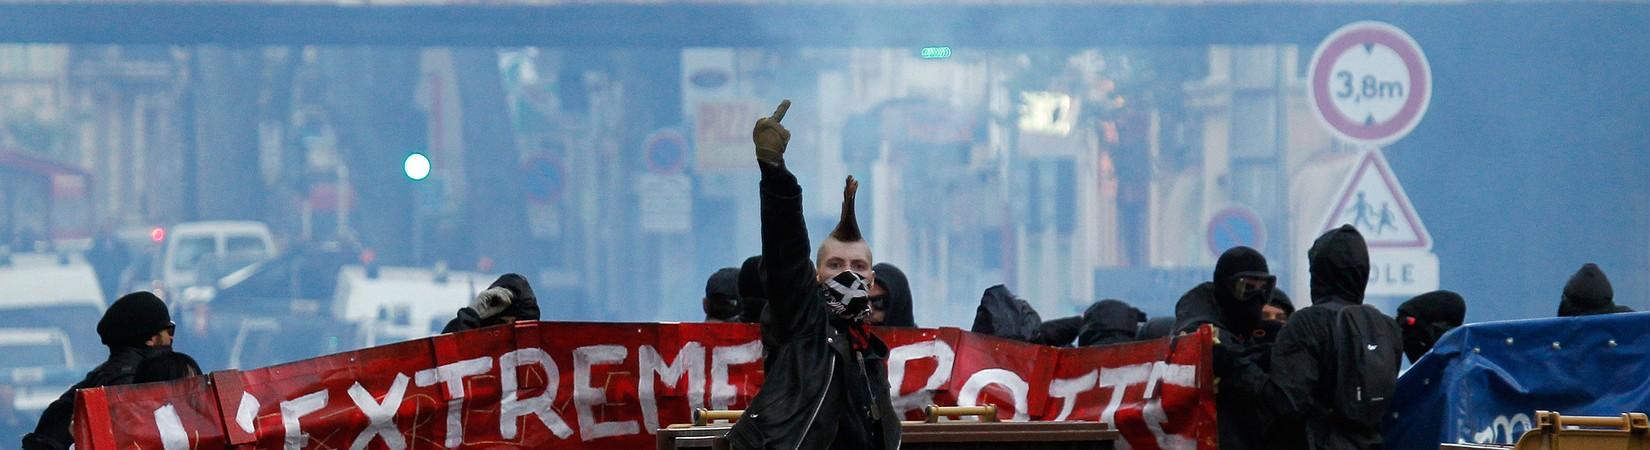 La Francia è sull'orlo di una nuova rivoluzione